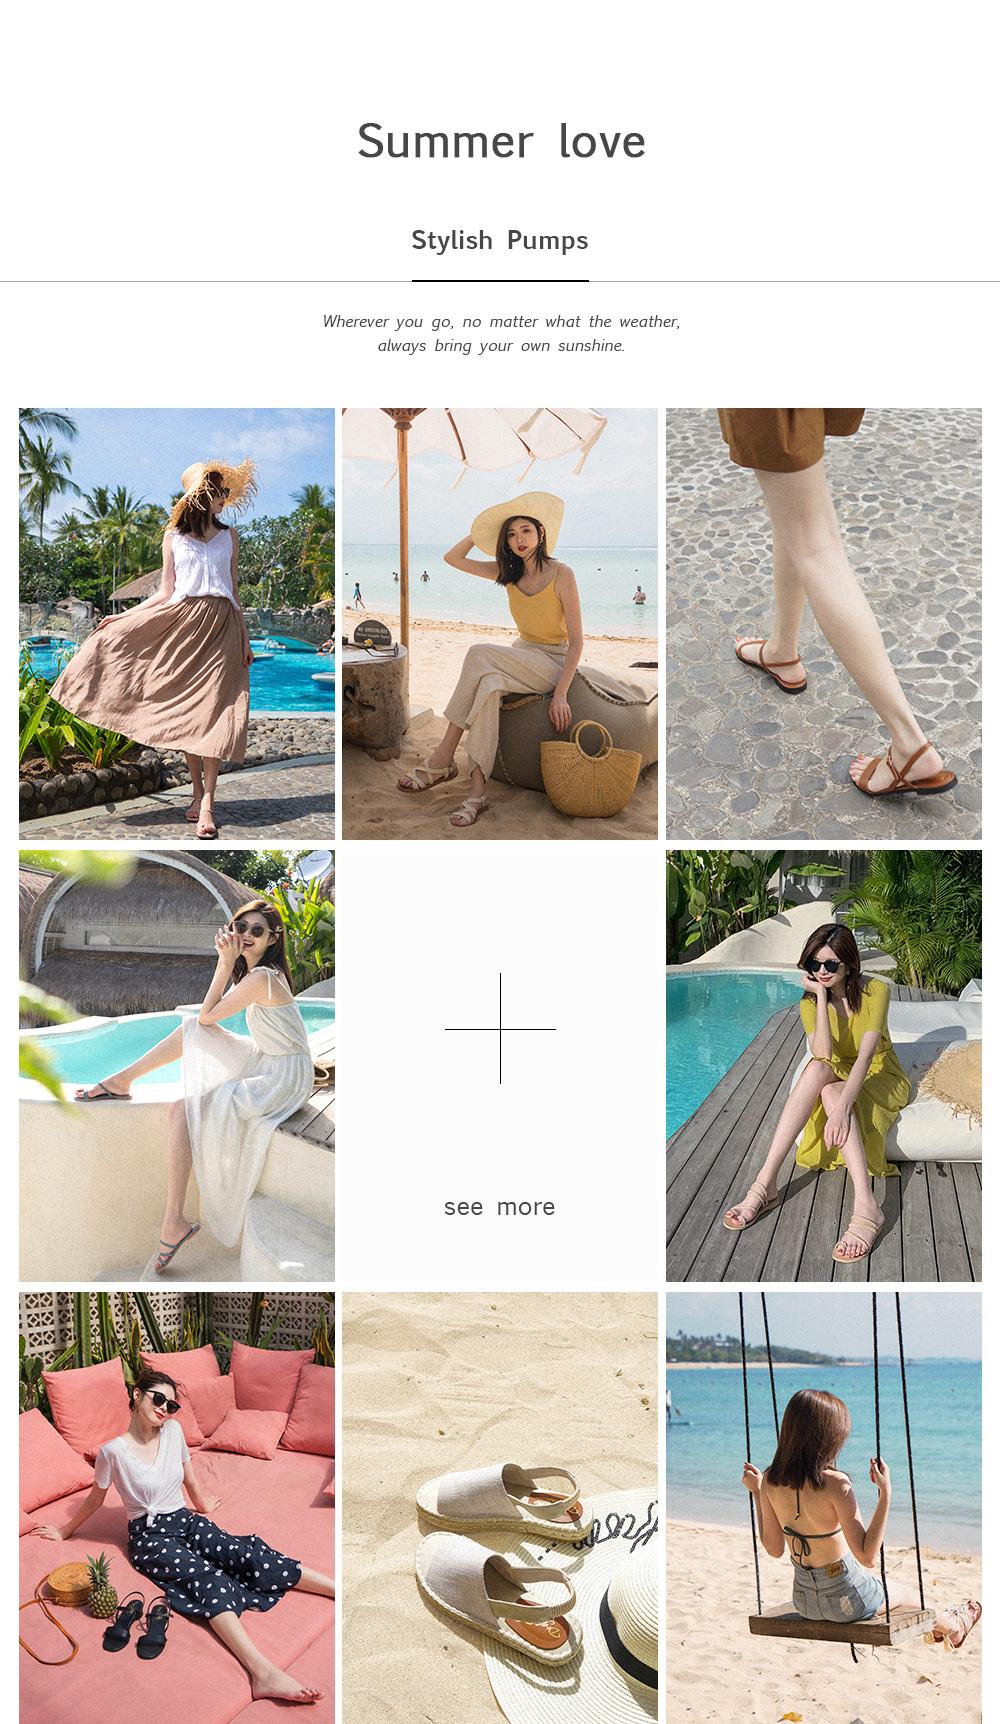 2019夏季女鞋推薦 涼鞋 穆勒鞋 低跟鞋 各式夏日鞋款